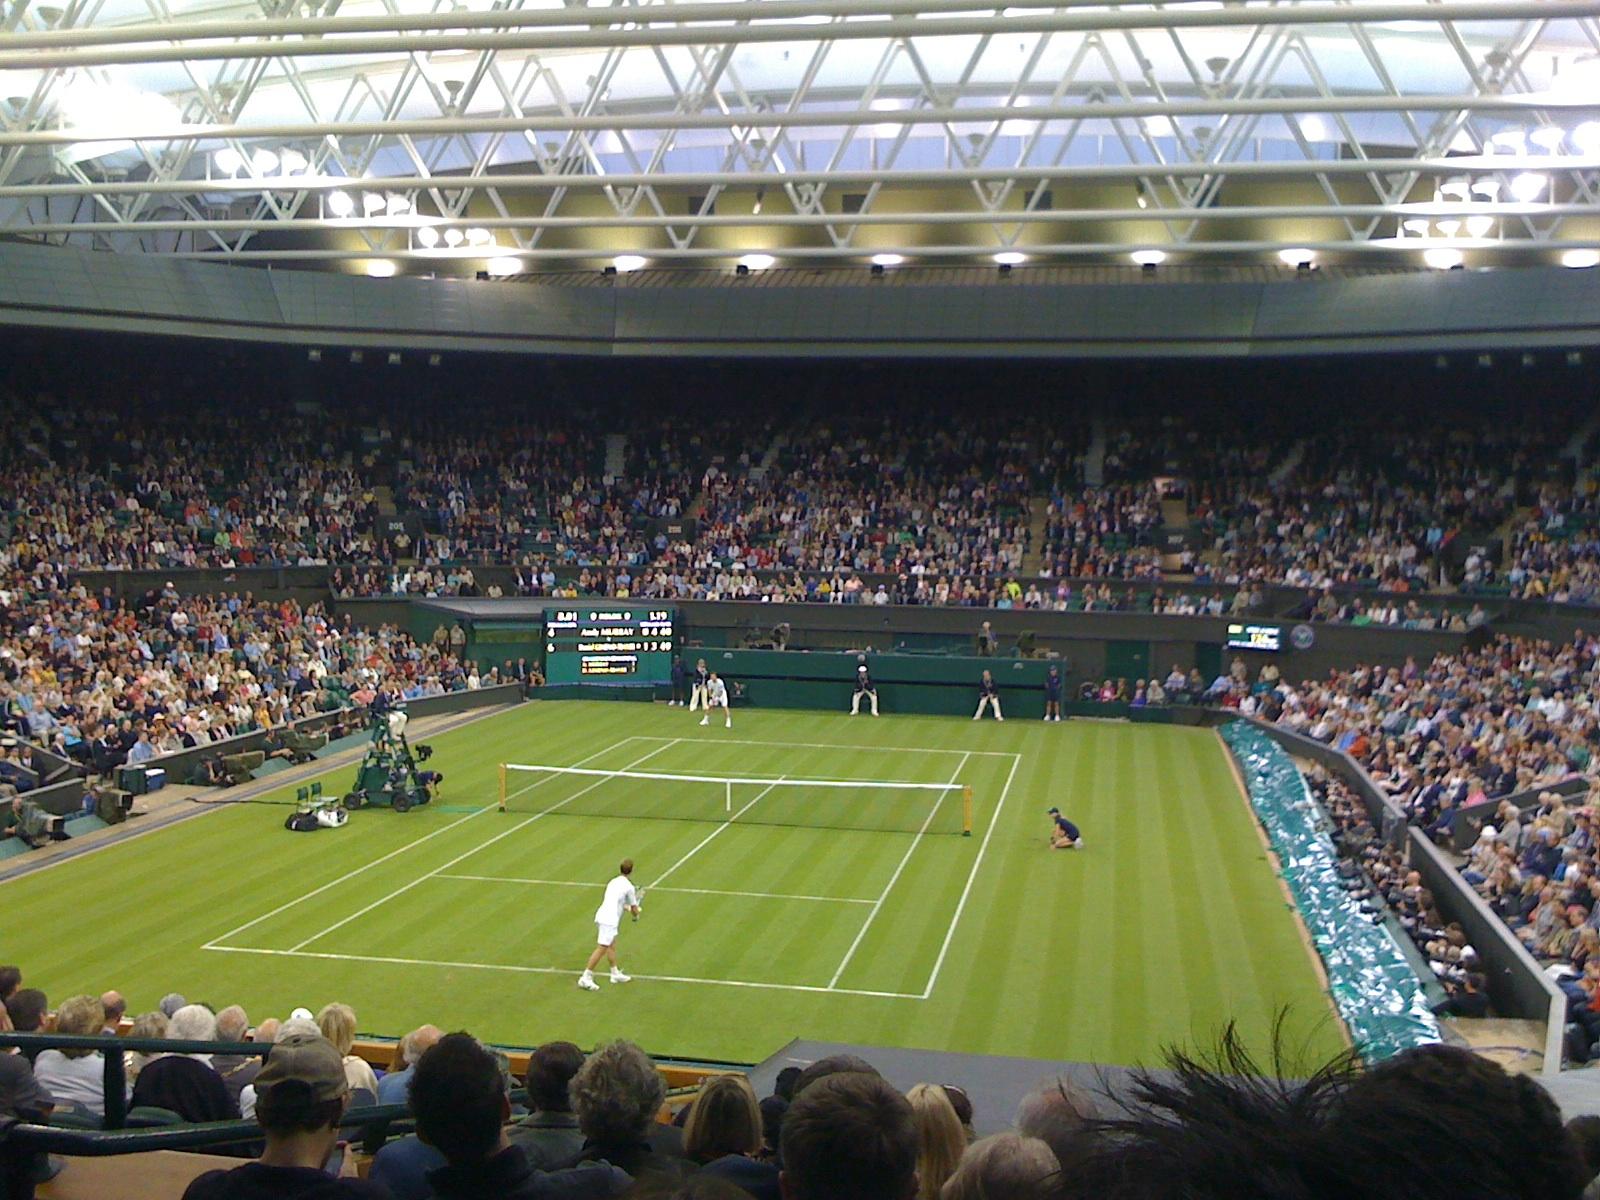 オールイングランド・ローンテニス・アンド・クローケー・クラブセンターコート